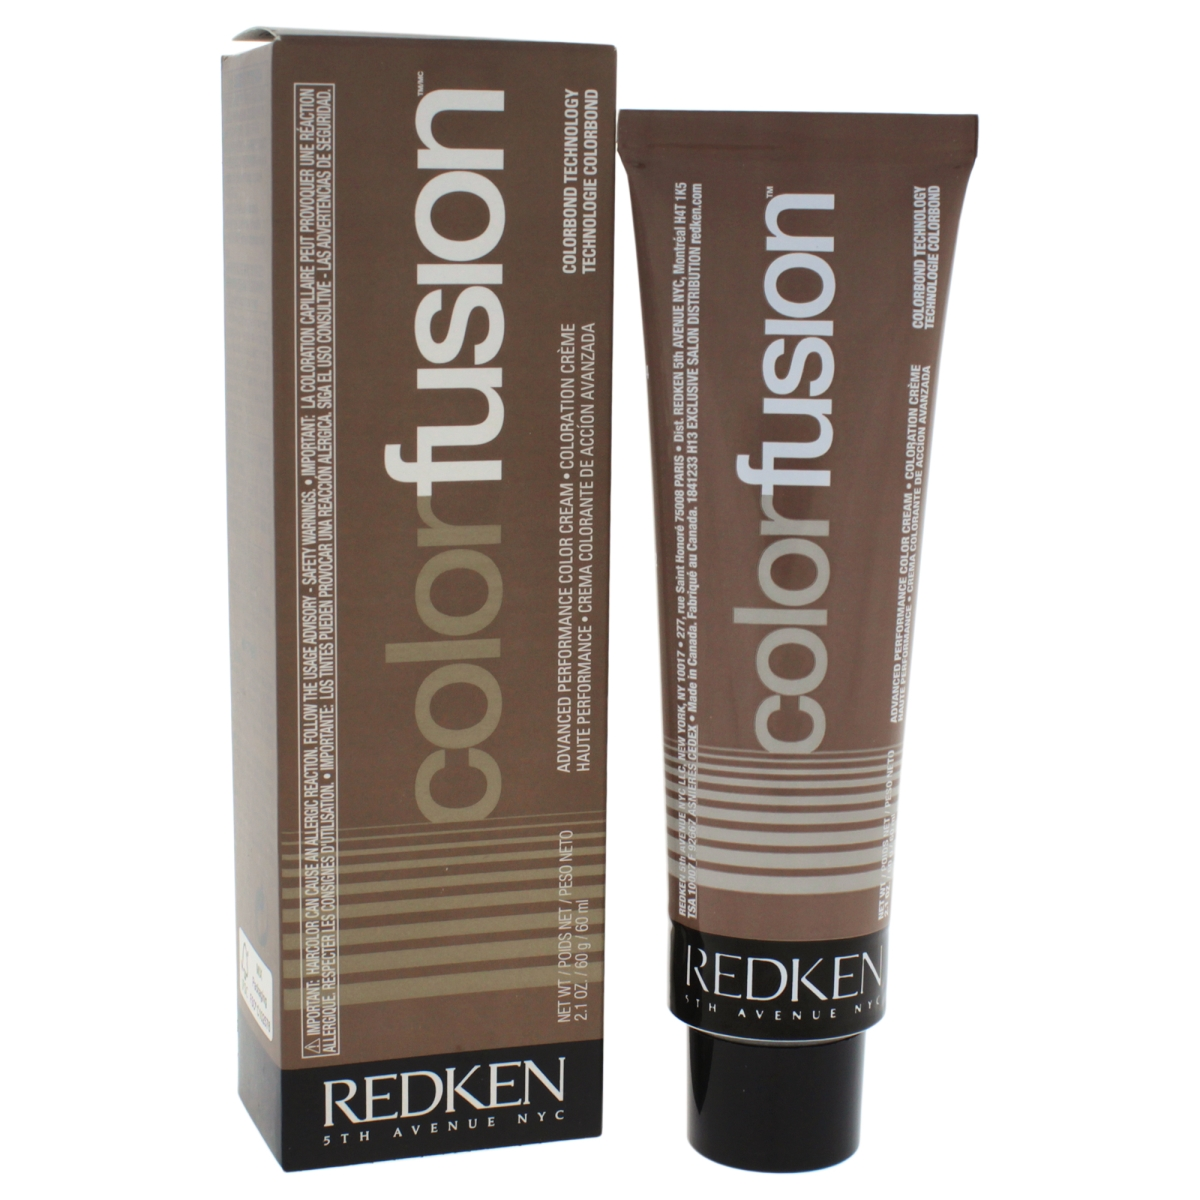 Redken U-HC-11730 2.1 oz Color Fusion Cream Natural Balance No. 9 Hair Color for Unisex Ash & Green